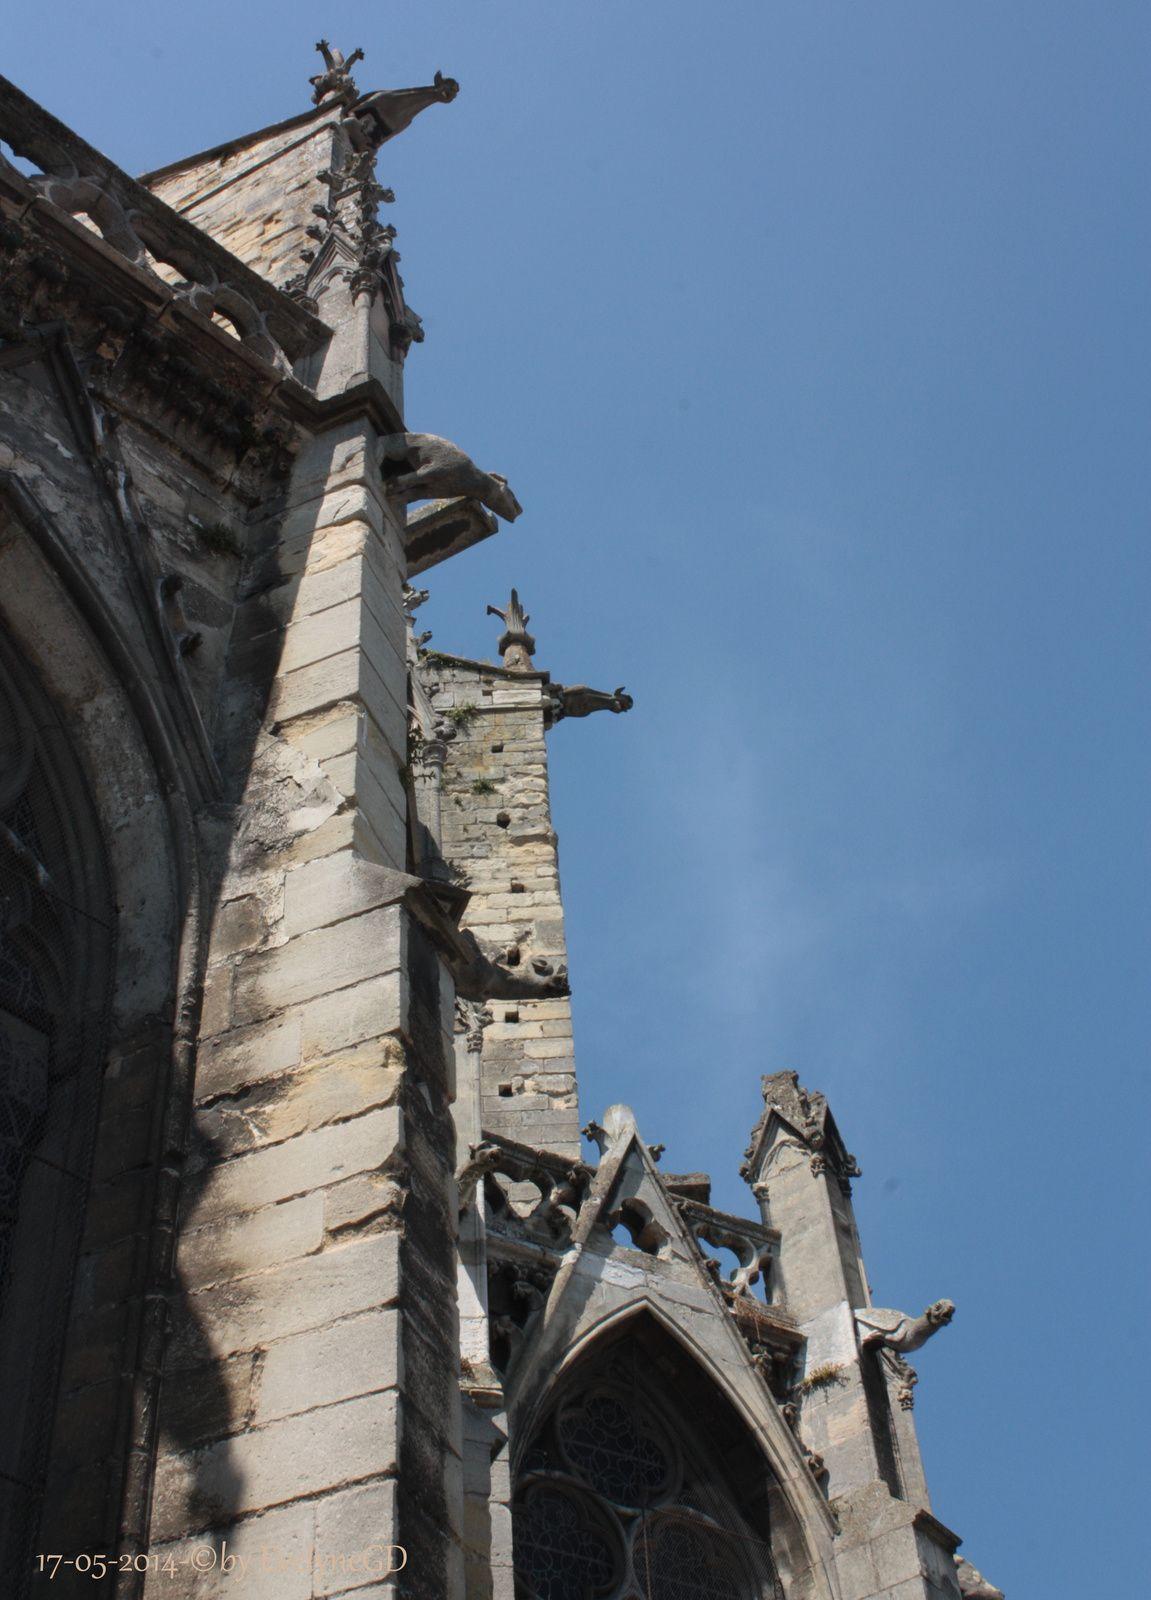 ...et les gargouilles qui se découpent dans le ciel bleu...